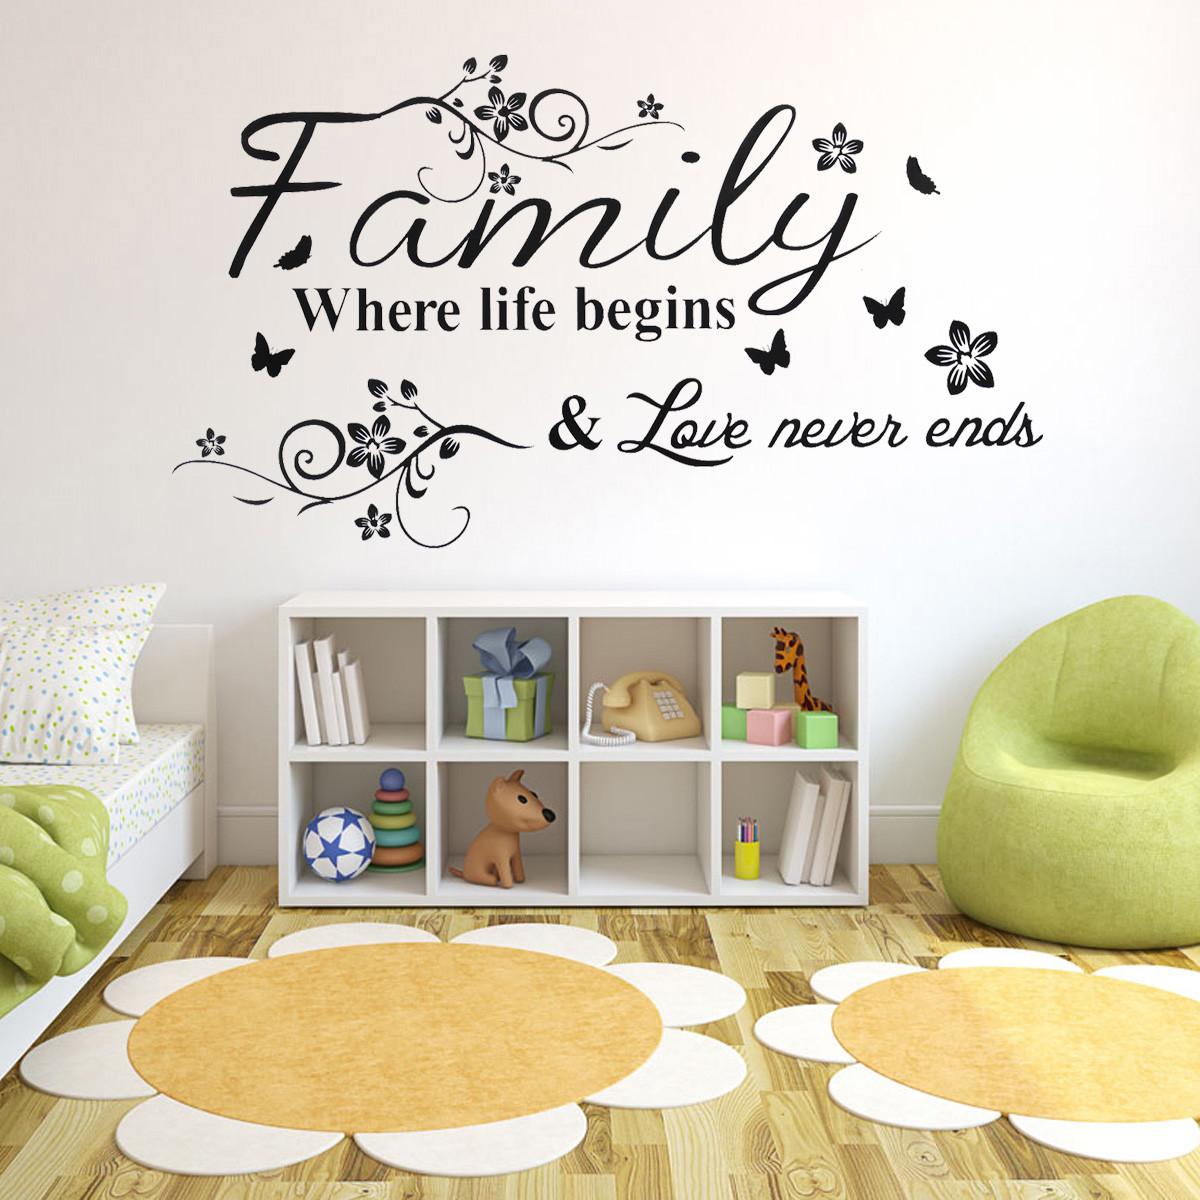 Wandtattoo Wandsticker Aufkleber Wohnzimmer Kuche Family Spruche Wand Dekoration Walmart Com Walmart Com